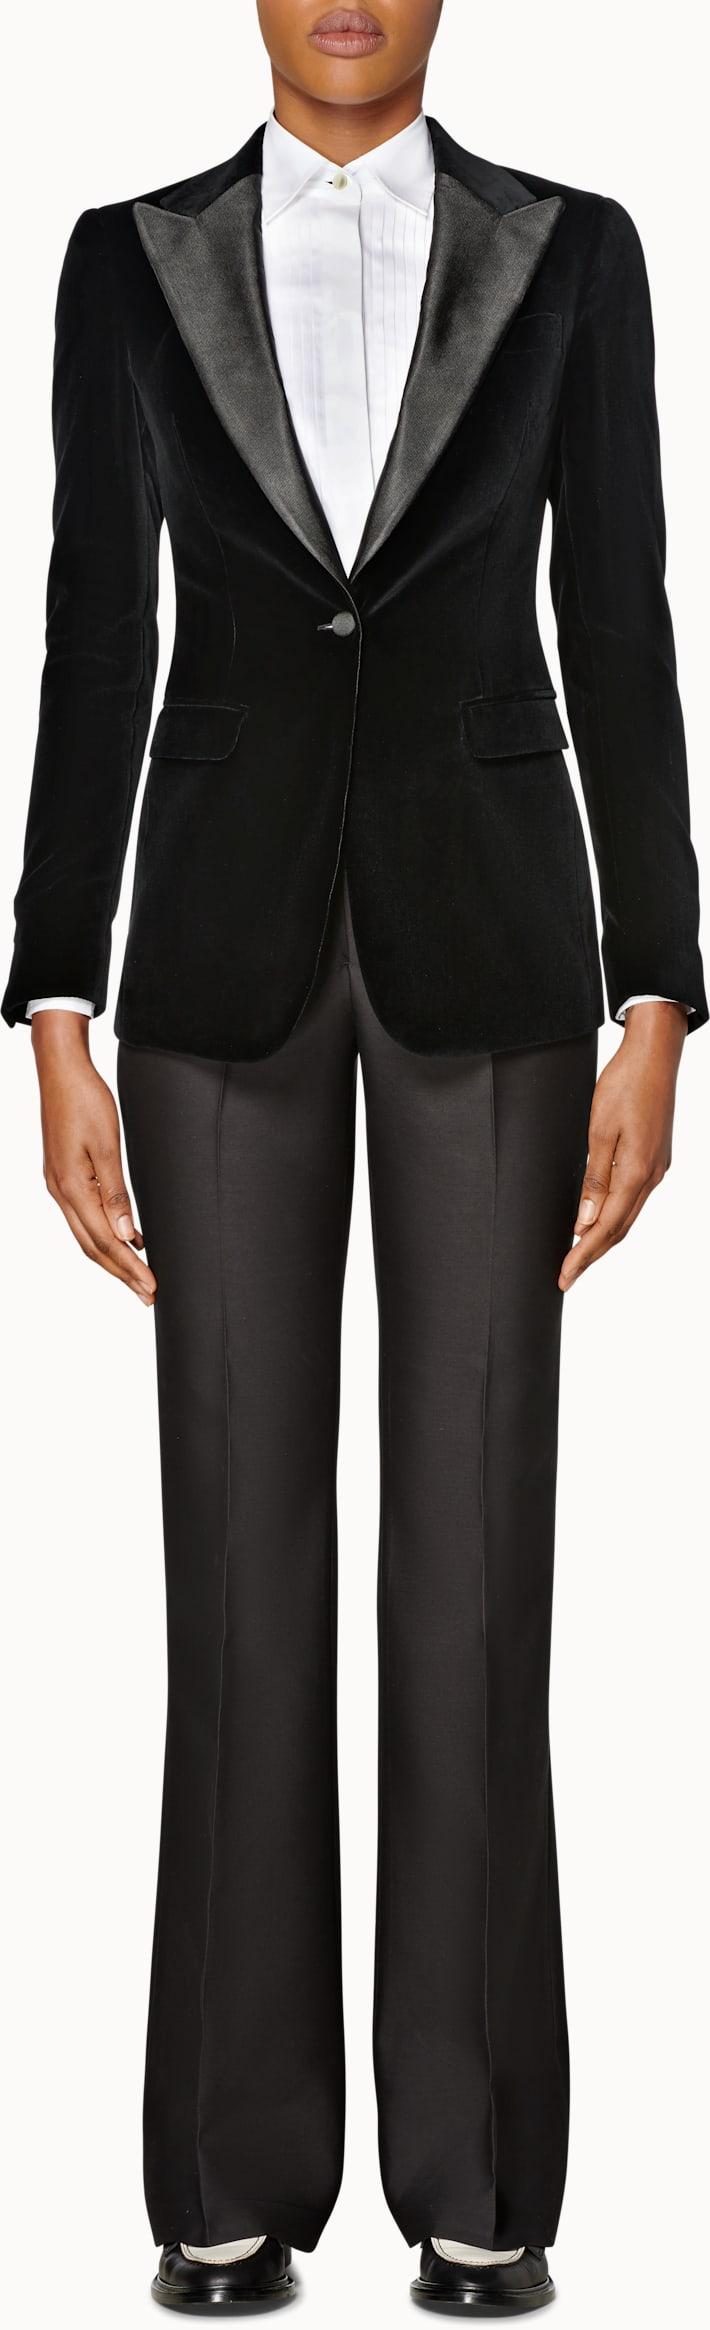 Cameron Black  Velvet Tuxedo